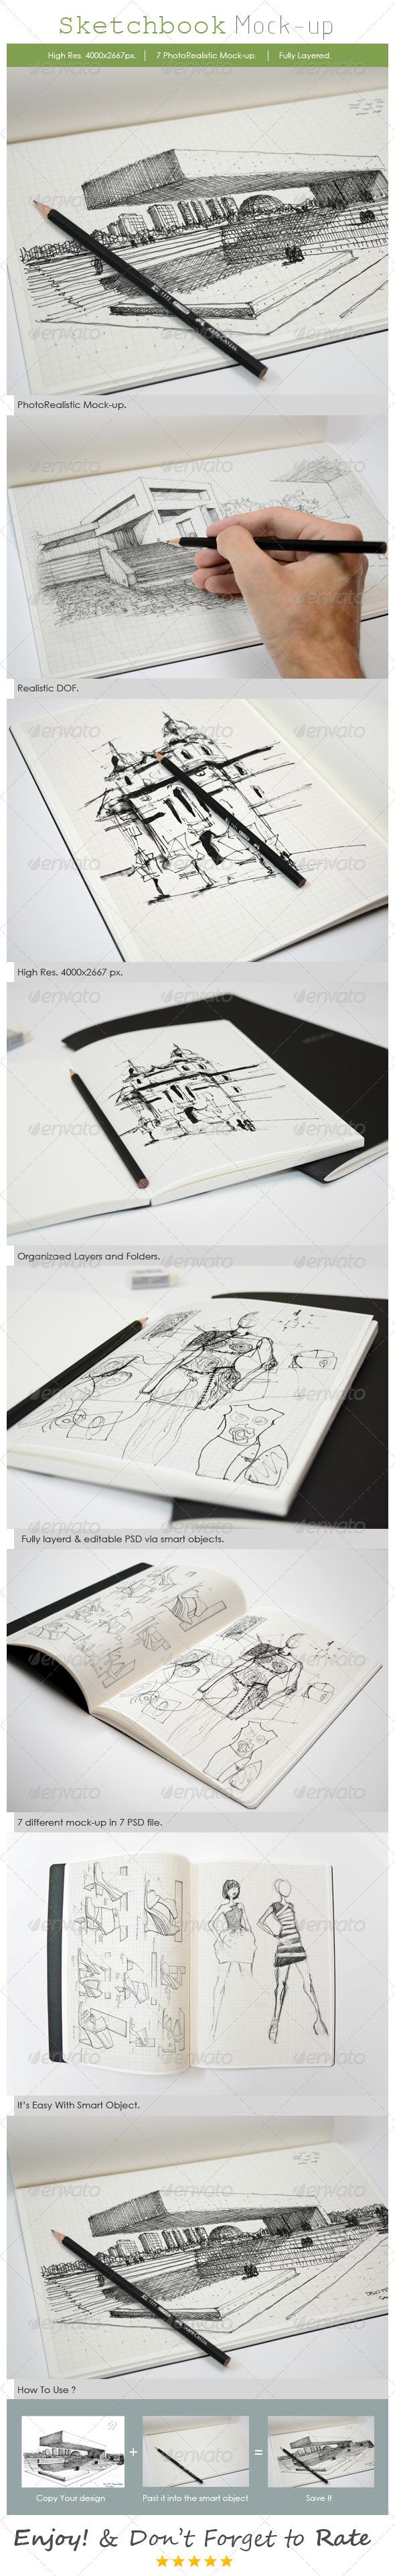 GraphicRiver Sketchbook Mockup 8050392